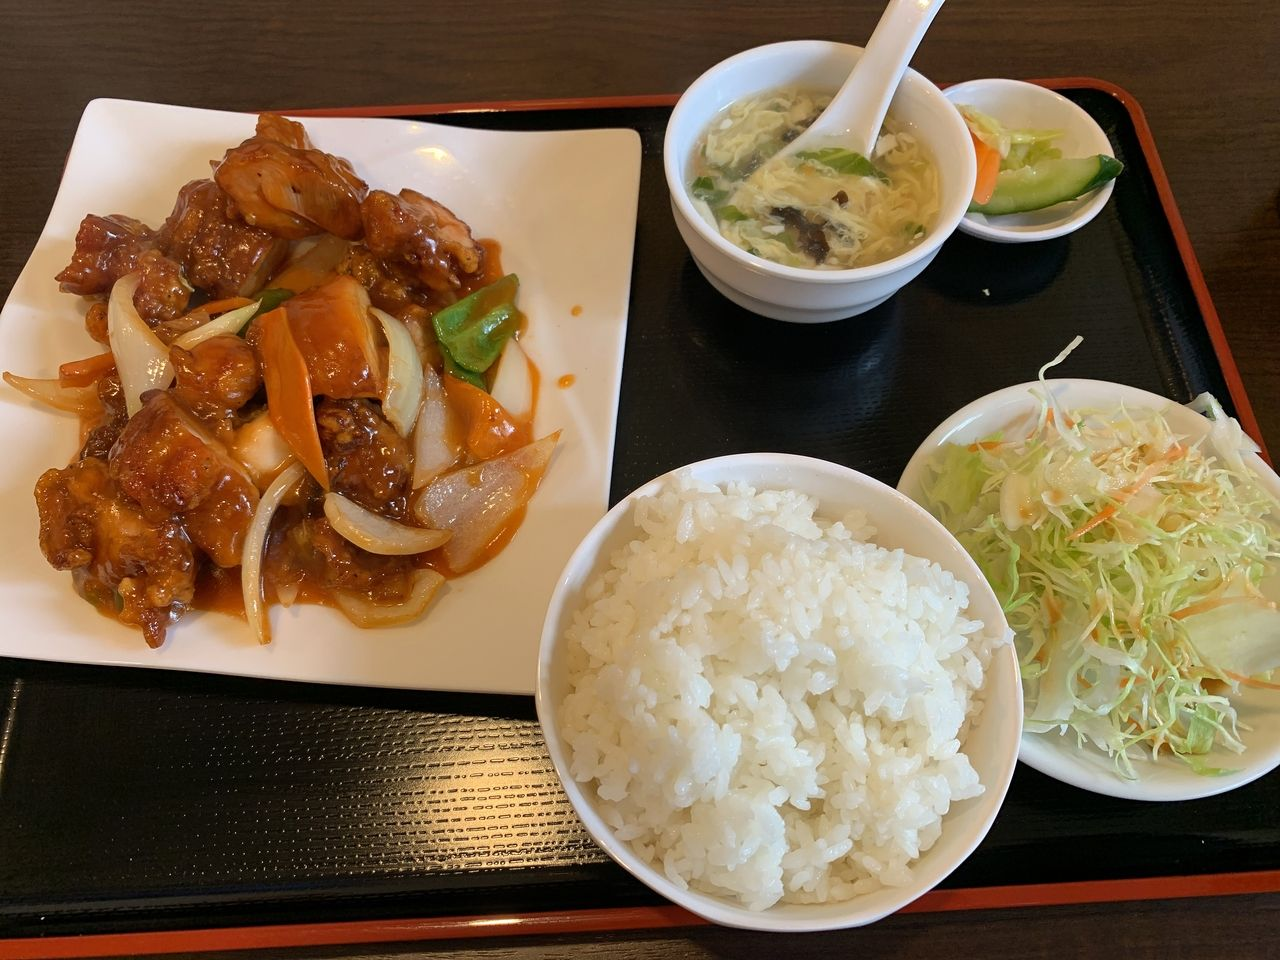 【三郷市食べ歩きブログ】三郷市早稲田1丁目の中華料理「好縁」が「三郷520」に変わったので行ってきました!